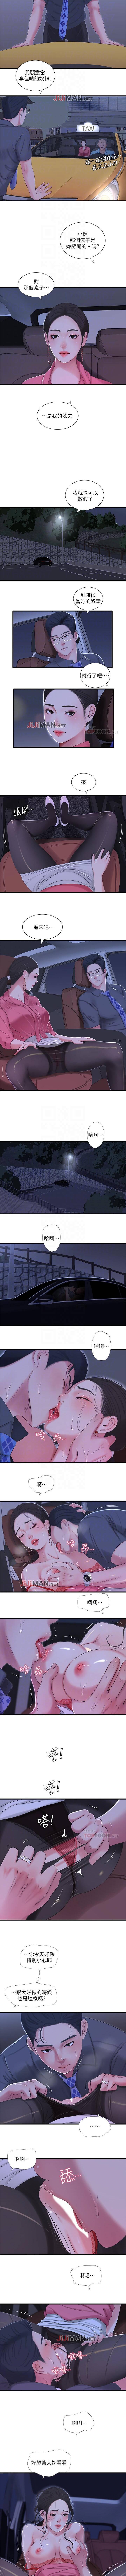 【周四连载】亲家四姐妹(作者:愛摸) 第1~31话 139